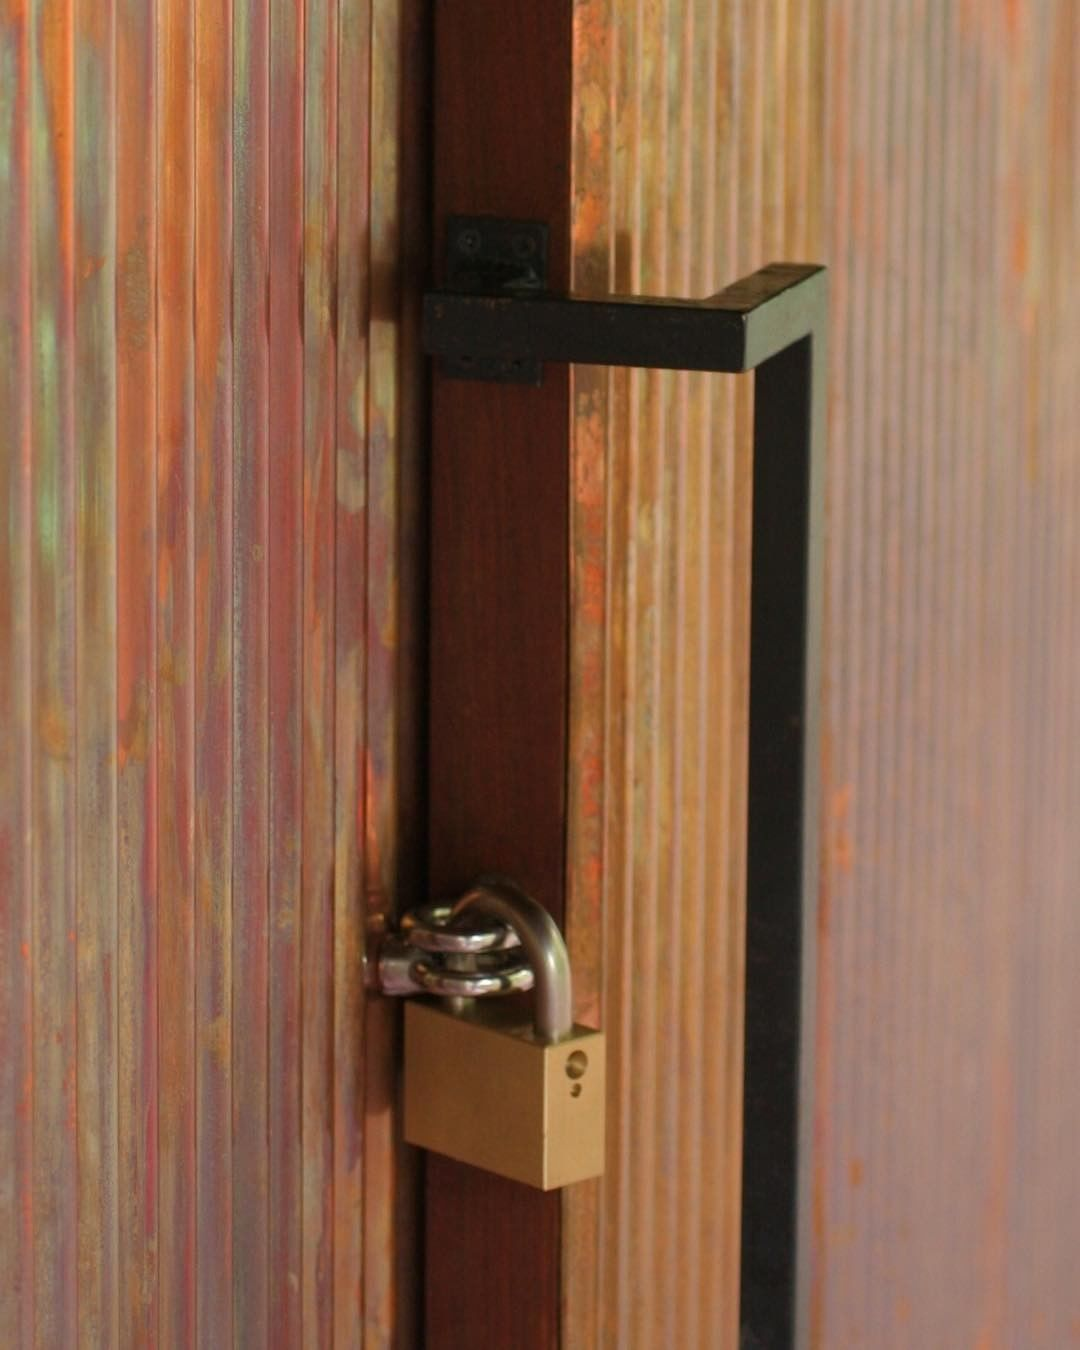 羽黒の家のドアハンドルと鍵 ハンドルは 銅製で鍵は既成 堀商店 の